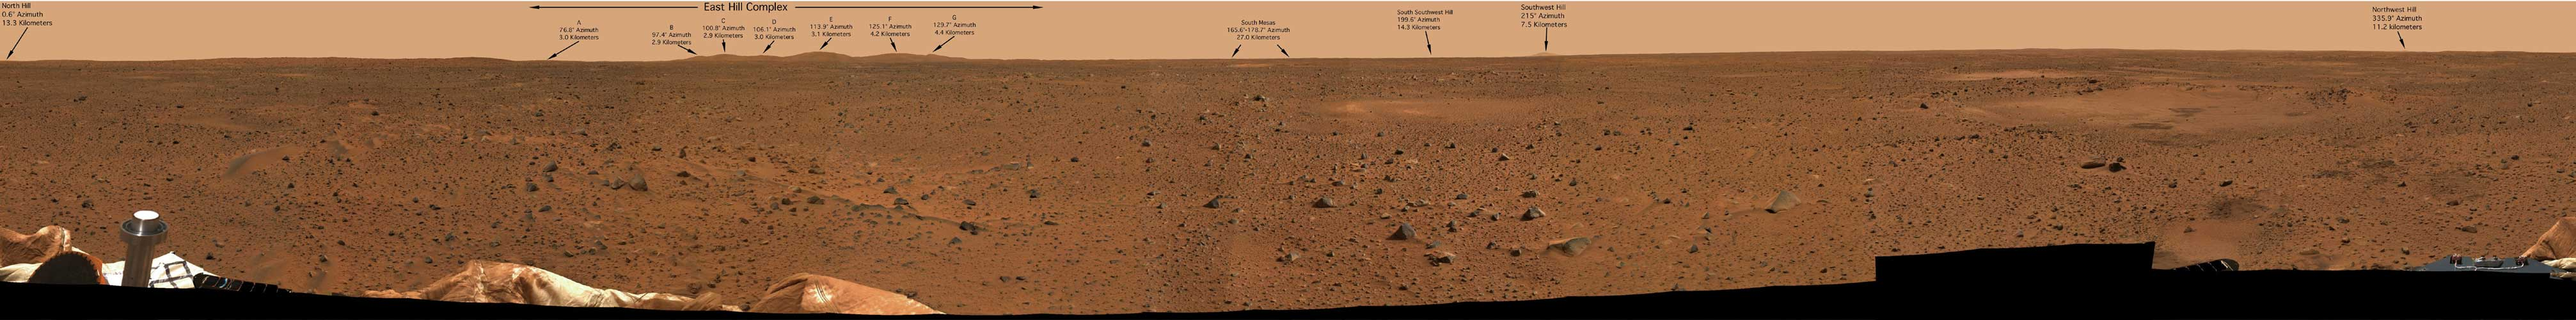 Panorámica de Marte tomada por el robot todoterreno Spirit